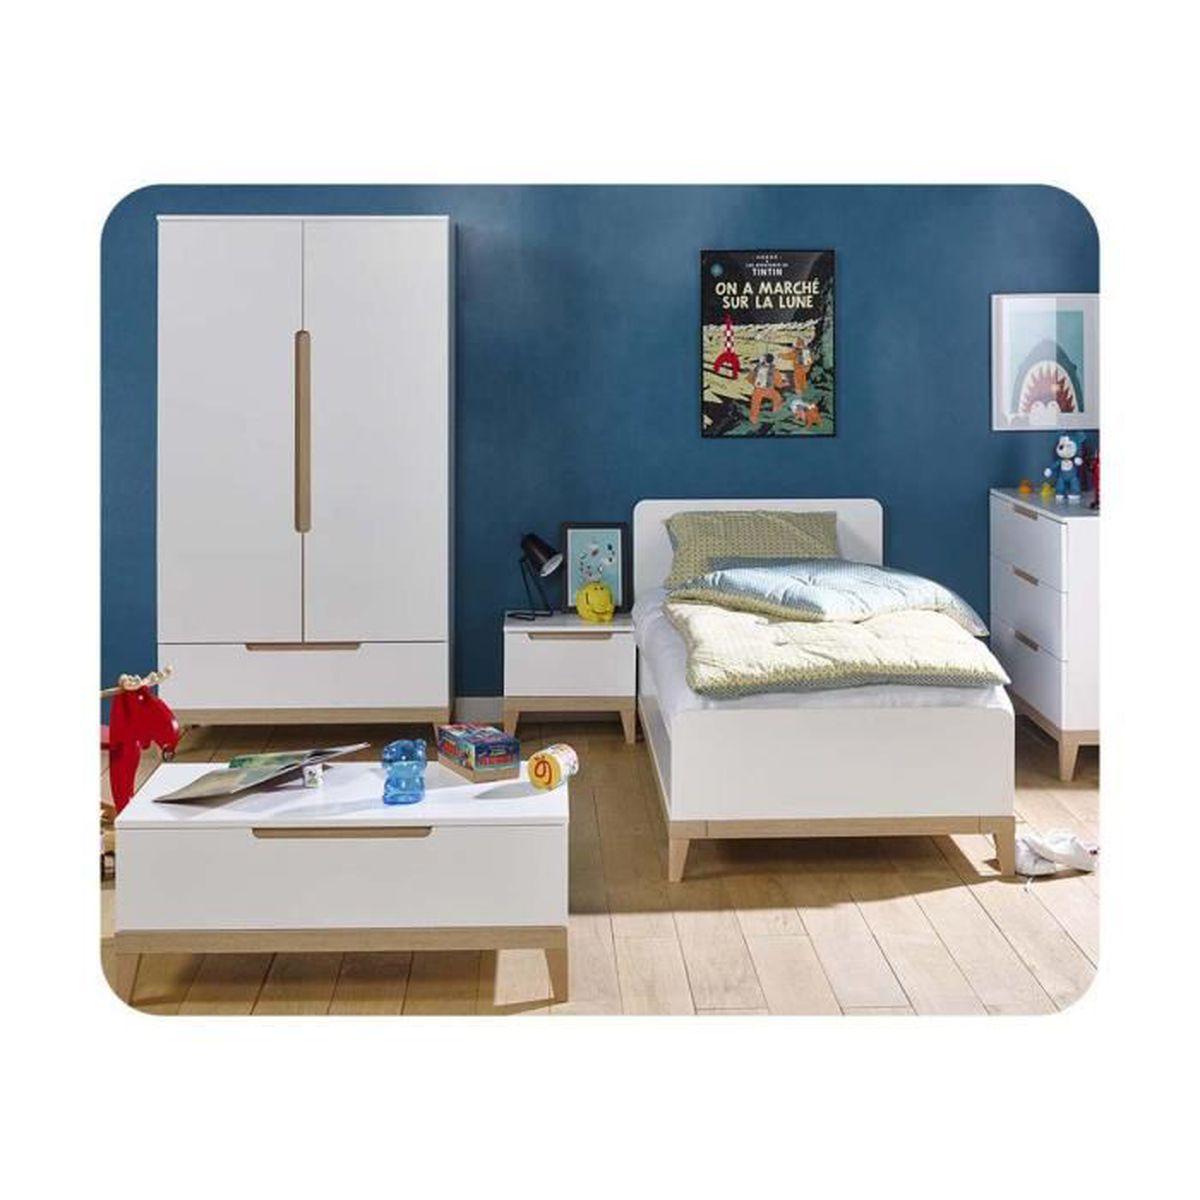 Chambre enfant riga set de 5 meubles achat vente for Set de chambre maison corbeil